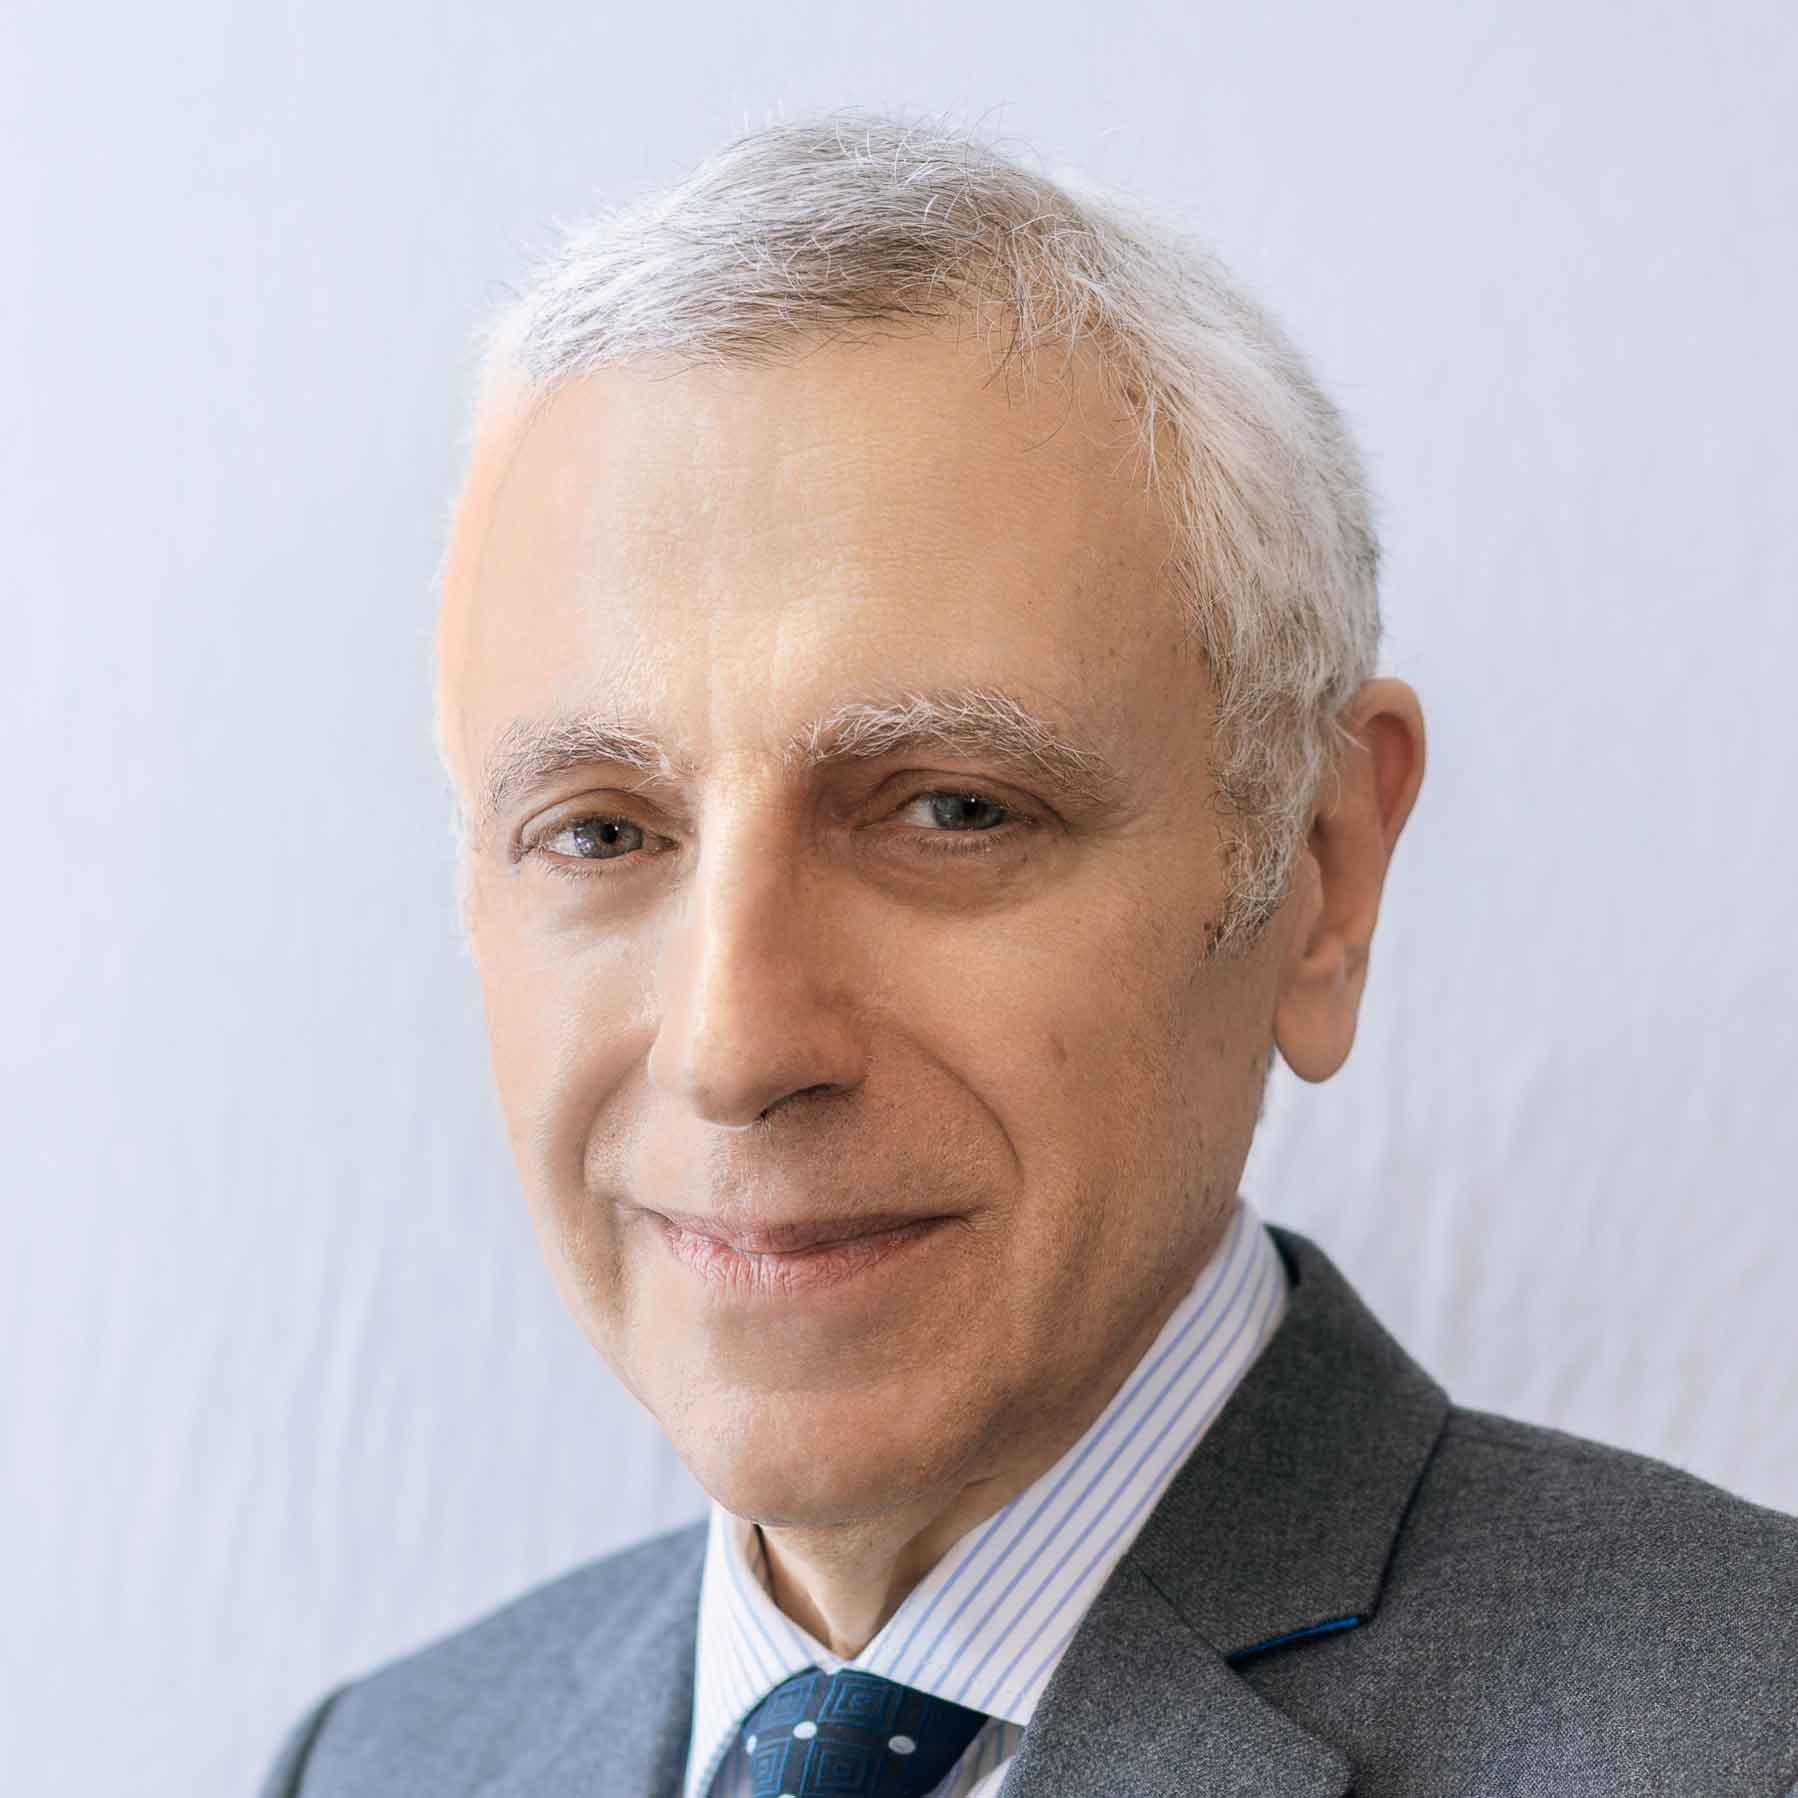 Stephen Selwyn